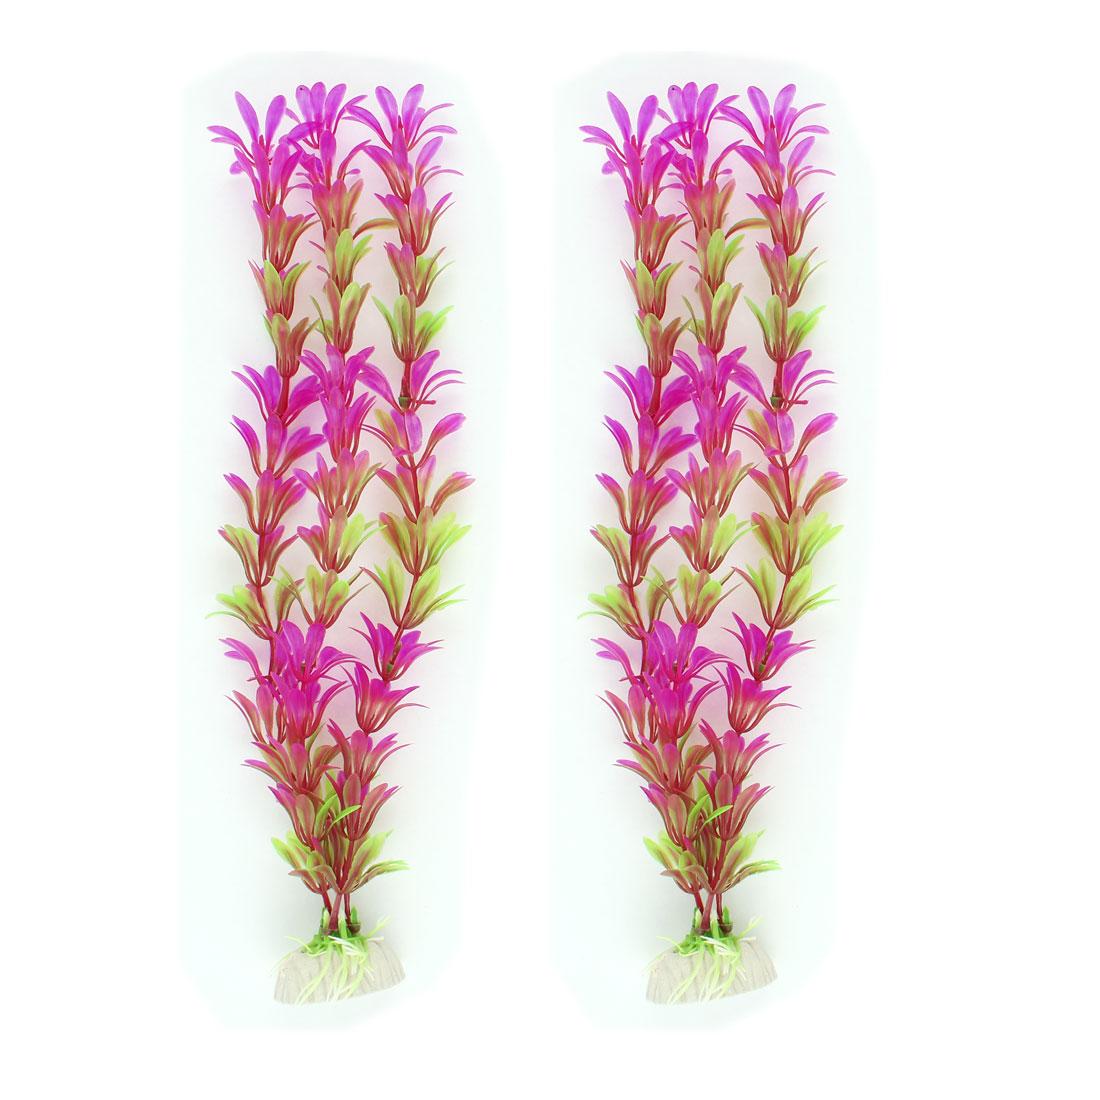 28cm Fuchsia Green Simulation Water Grasses Decor for Aquarium 2 Pcs